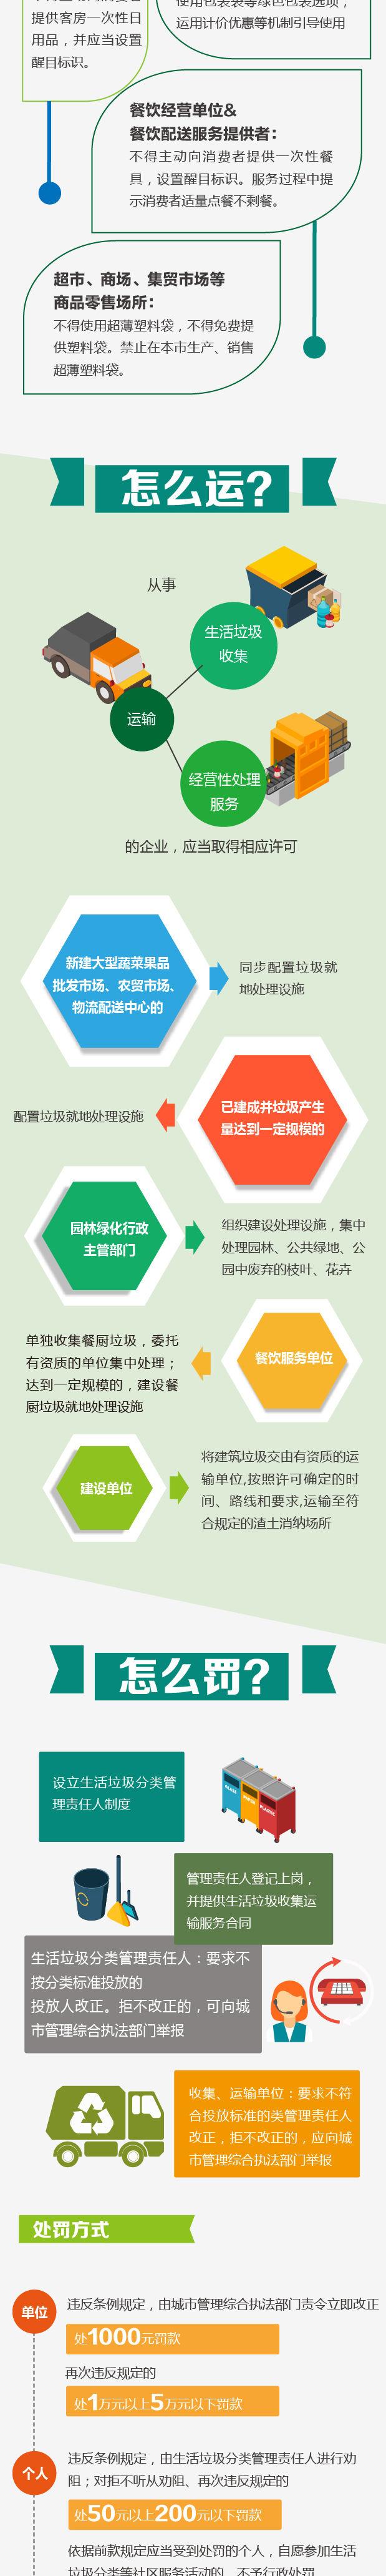 网上信誉博彩-22个国家的招牌料理:中国番茄炒蛋拔得头筹